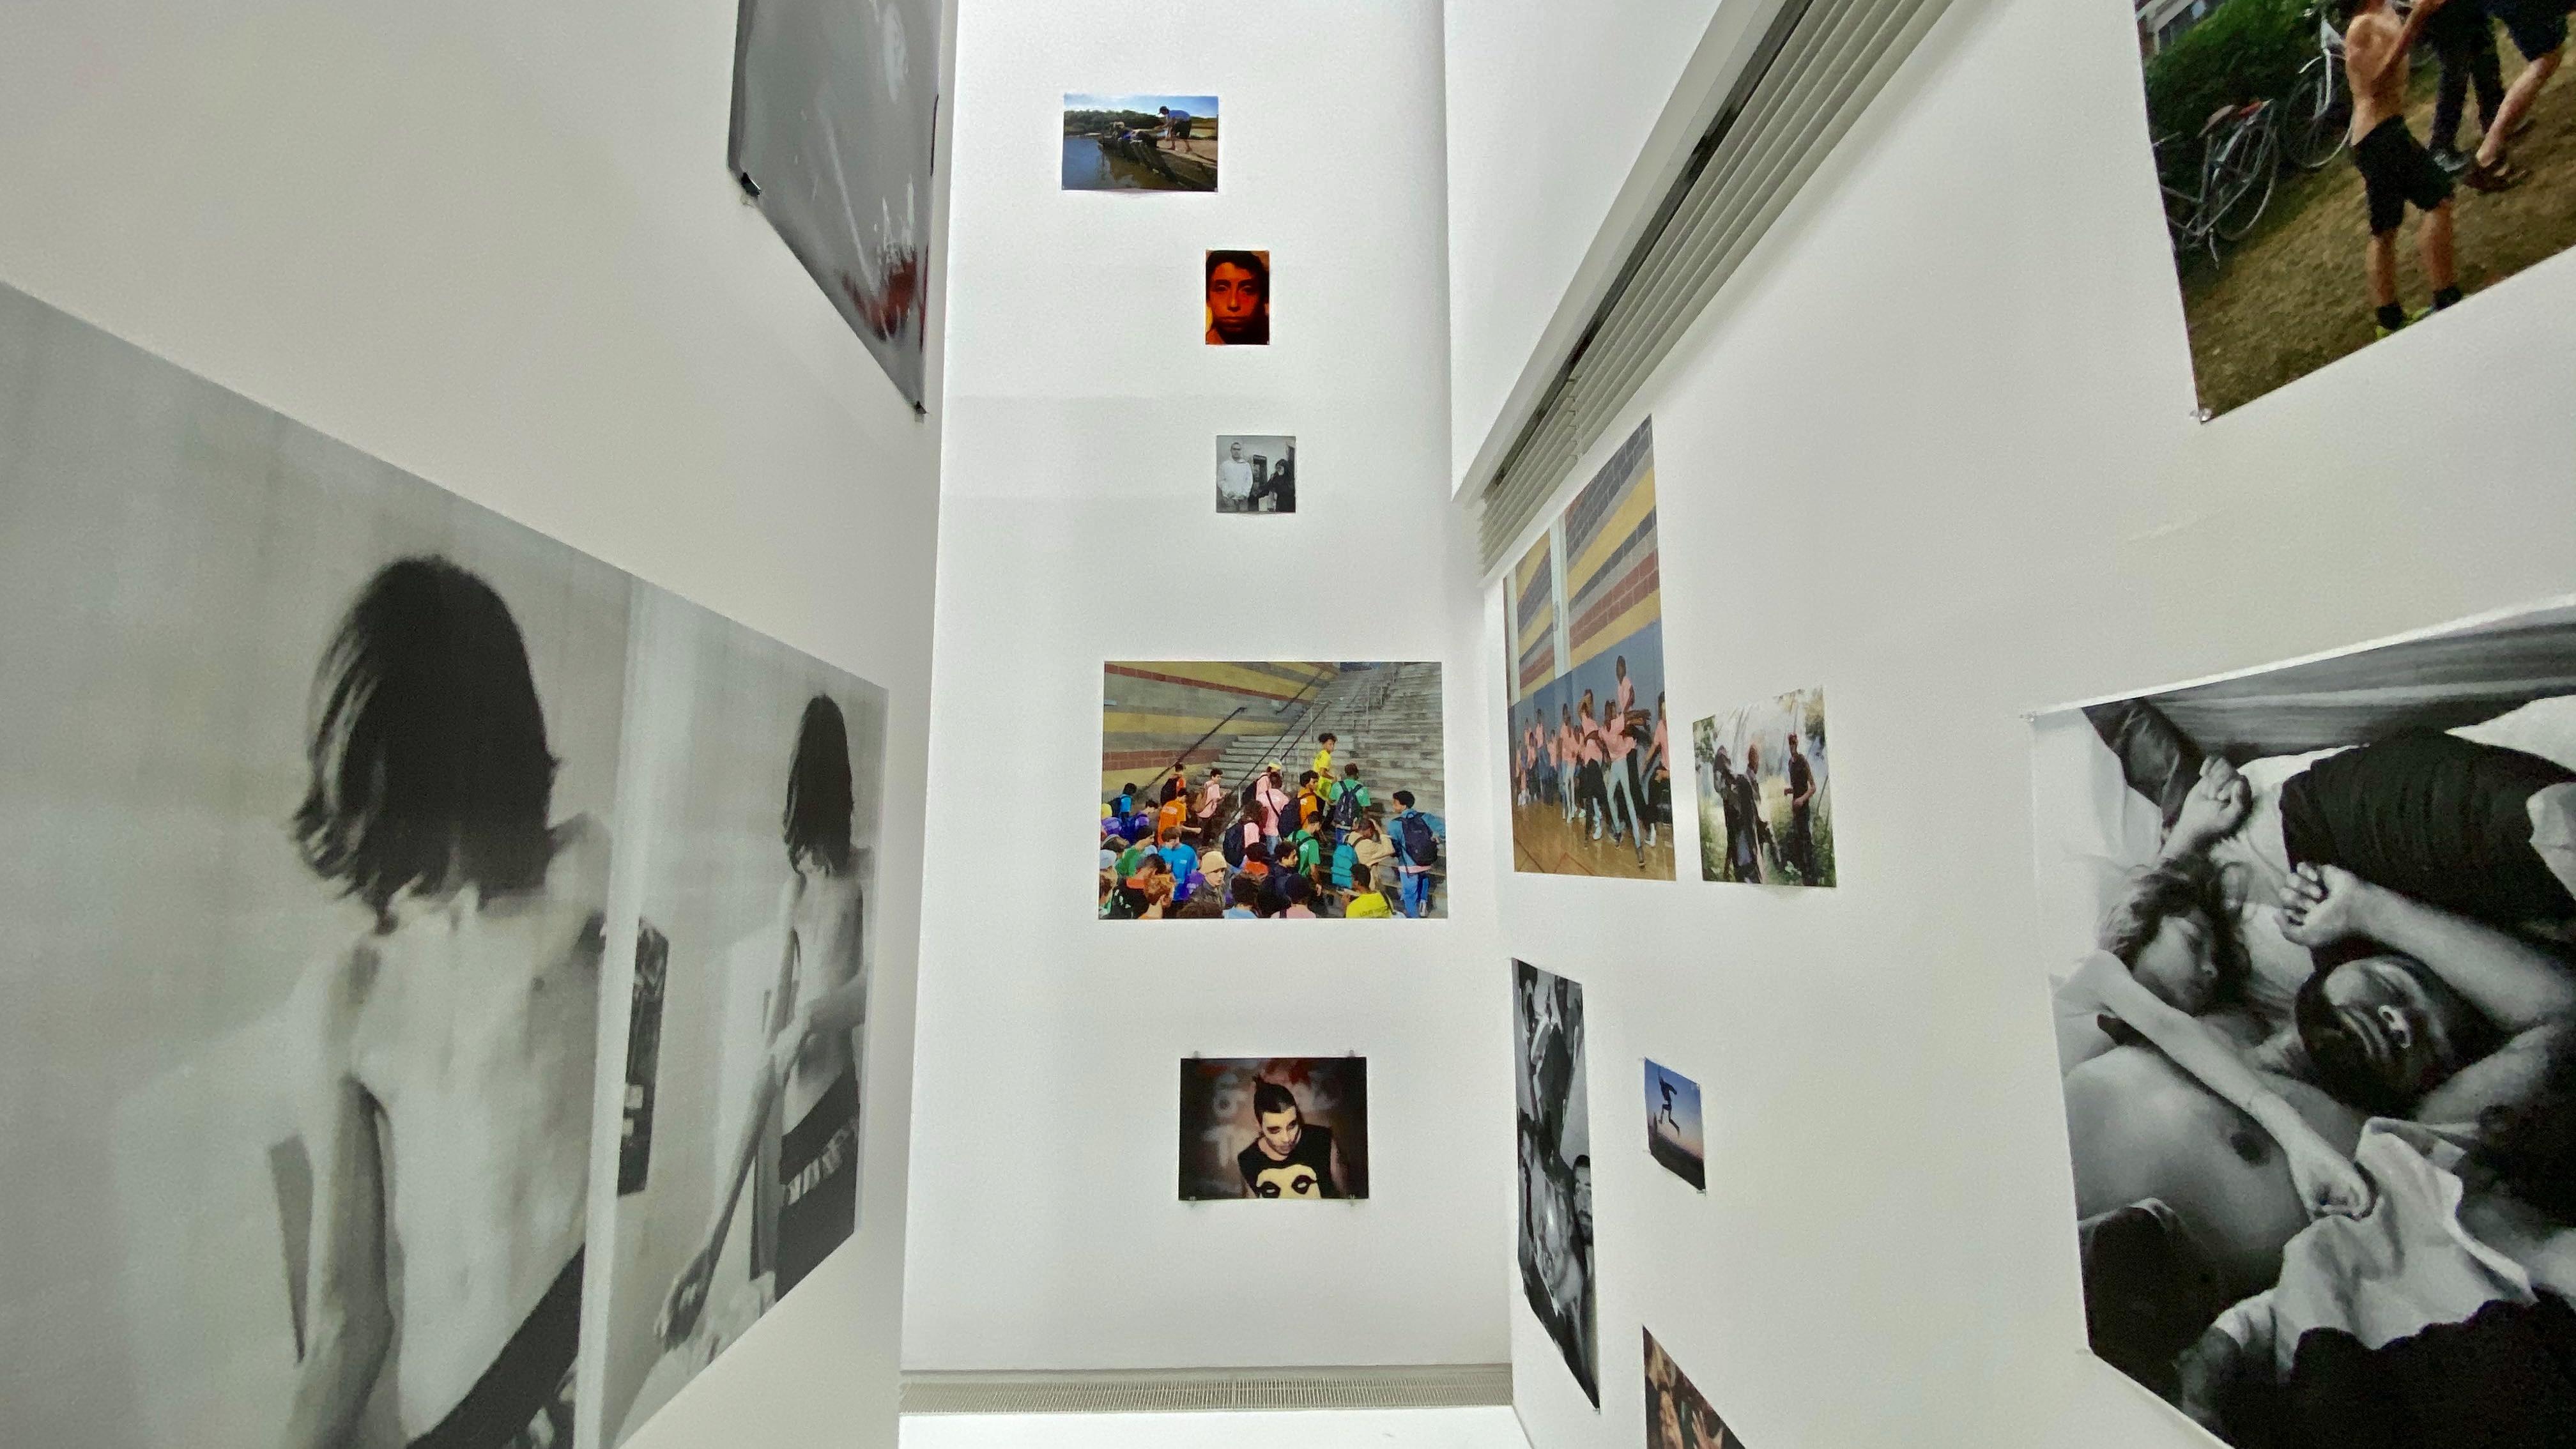 展覧会風景。スクラップブックを思わせる写真の配置